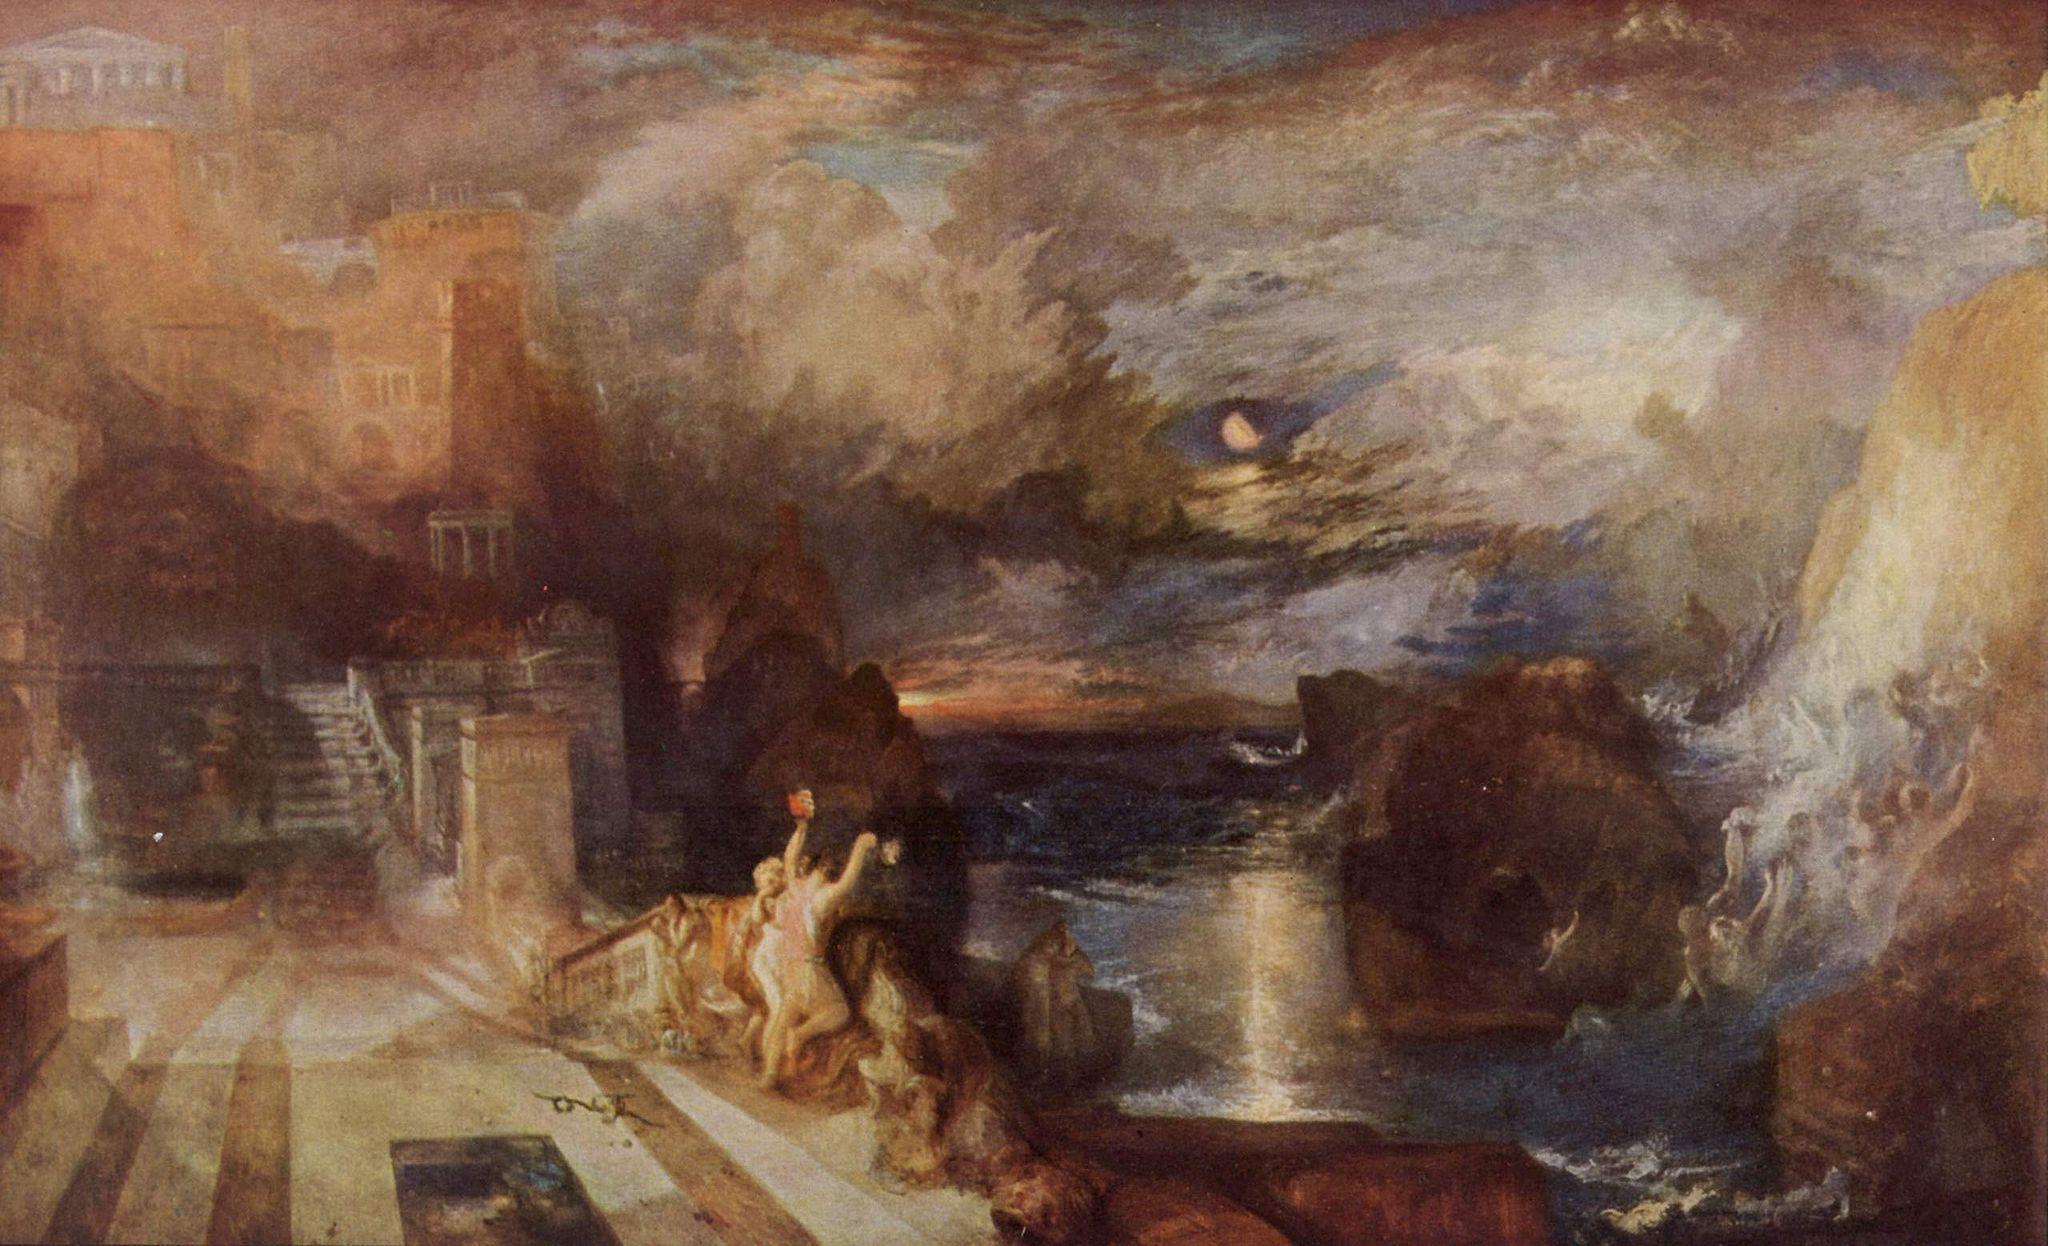 картина Прощание Геро и Леандра:: Уильям Тёрнер, описание - William Turner фото